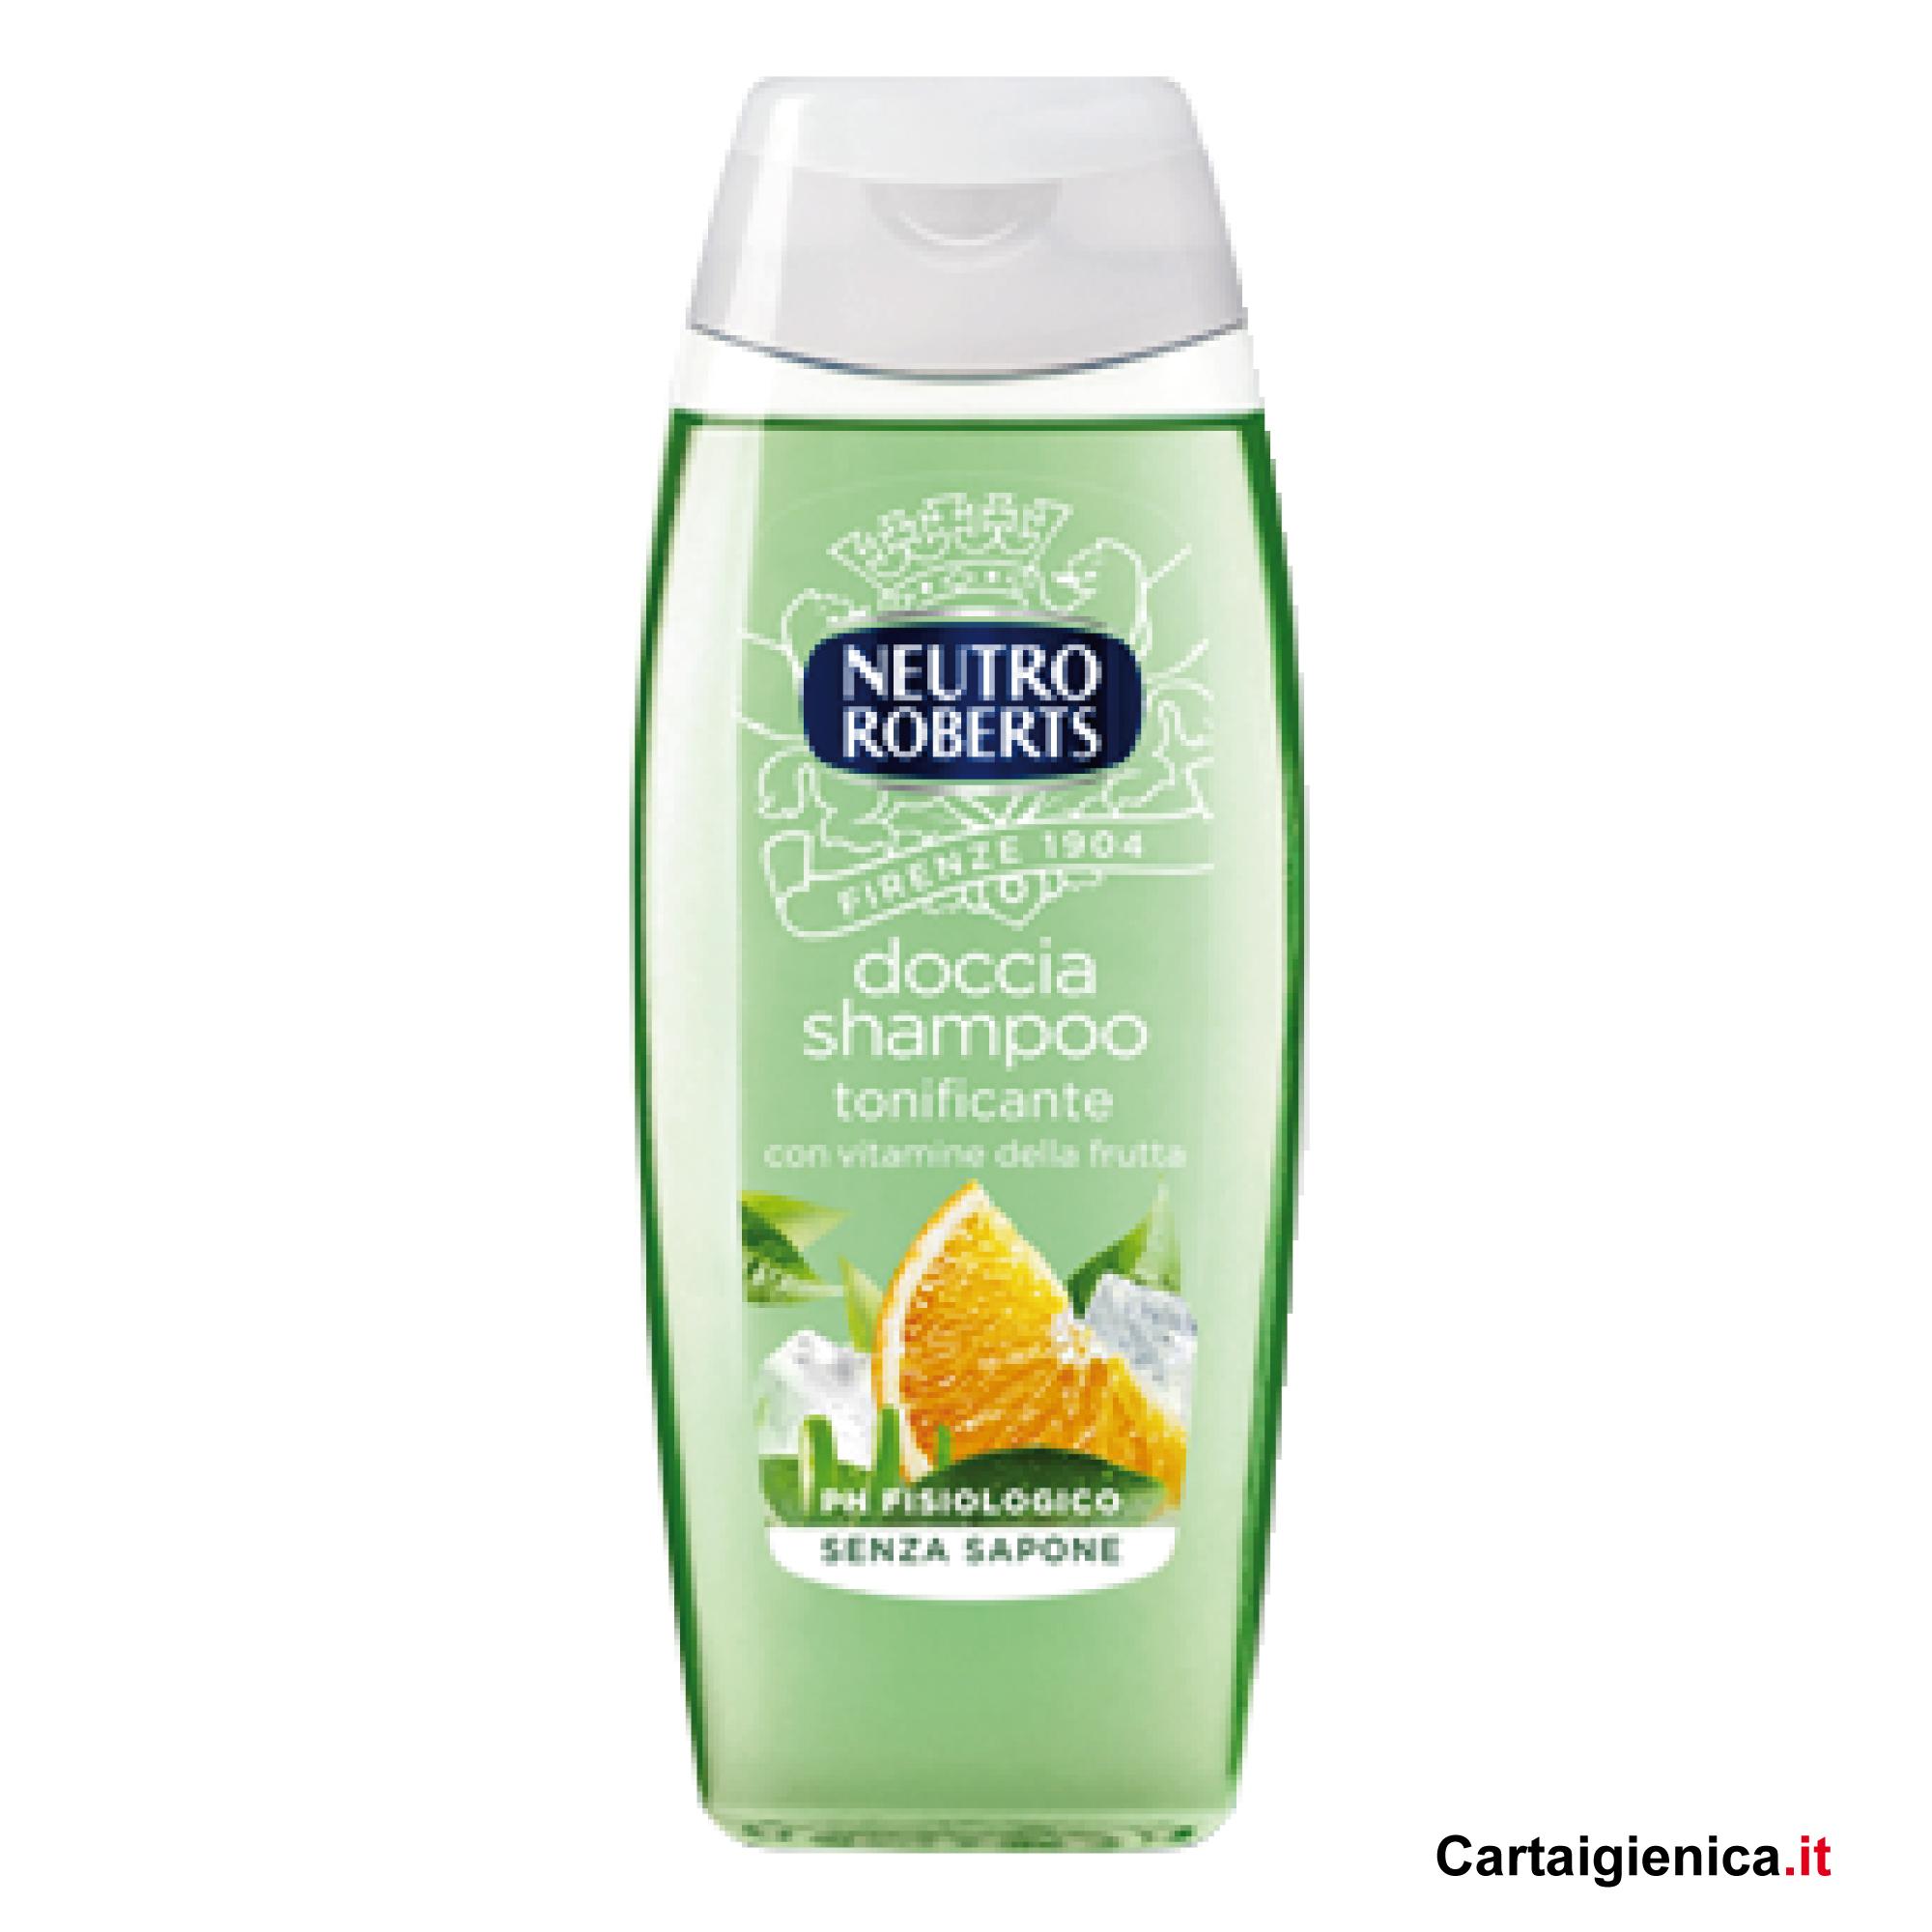 neutro roberta doccia shampo tonificante 250 ml